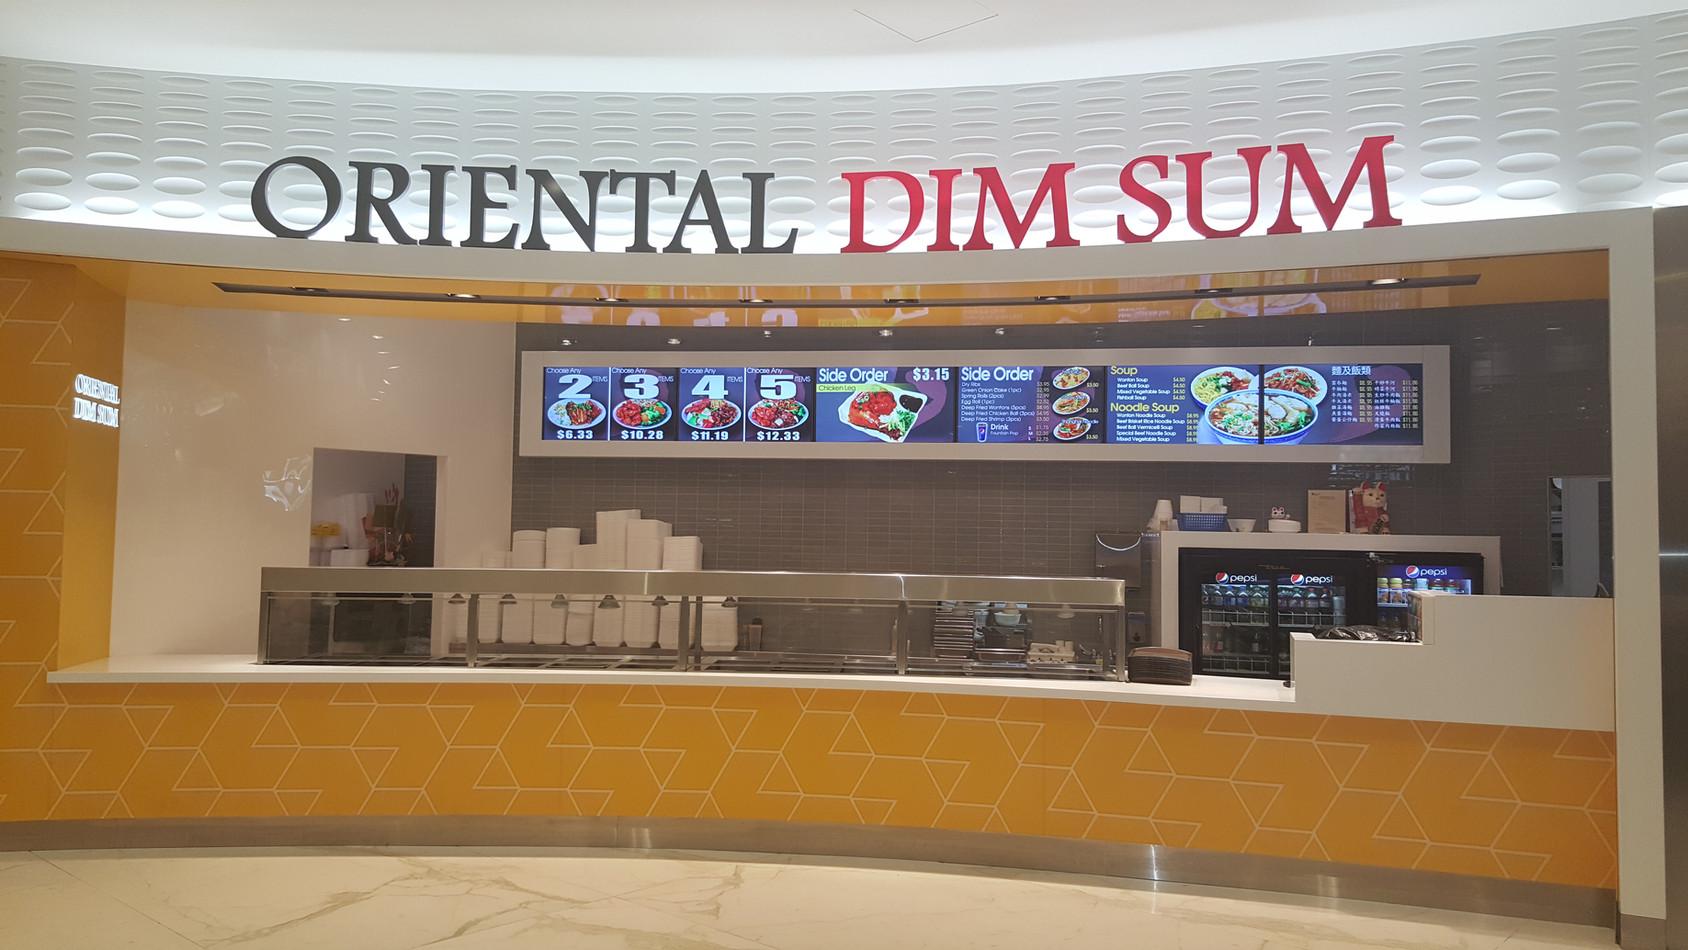 Oriental Dim Sum @ WEM - Edmonton, AB